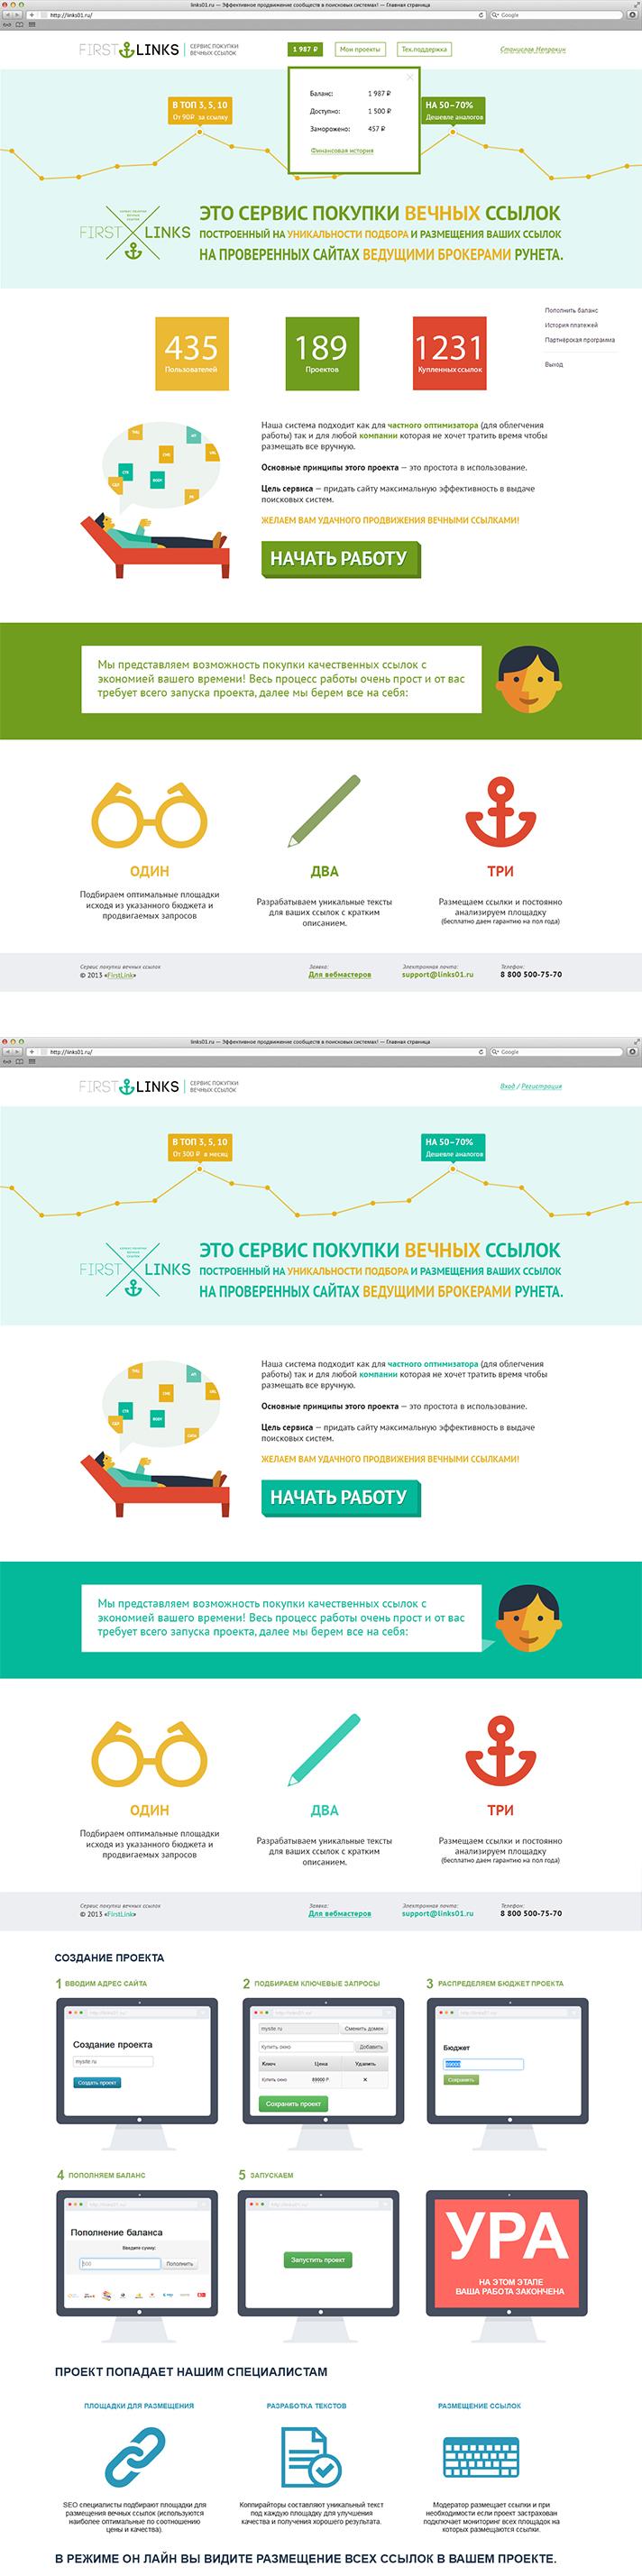 Links01 проект M001